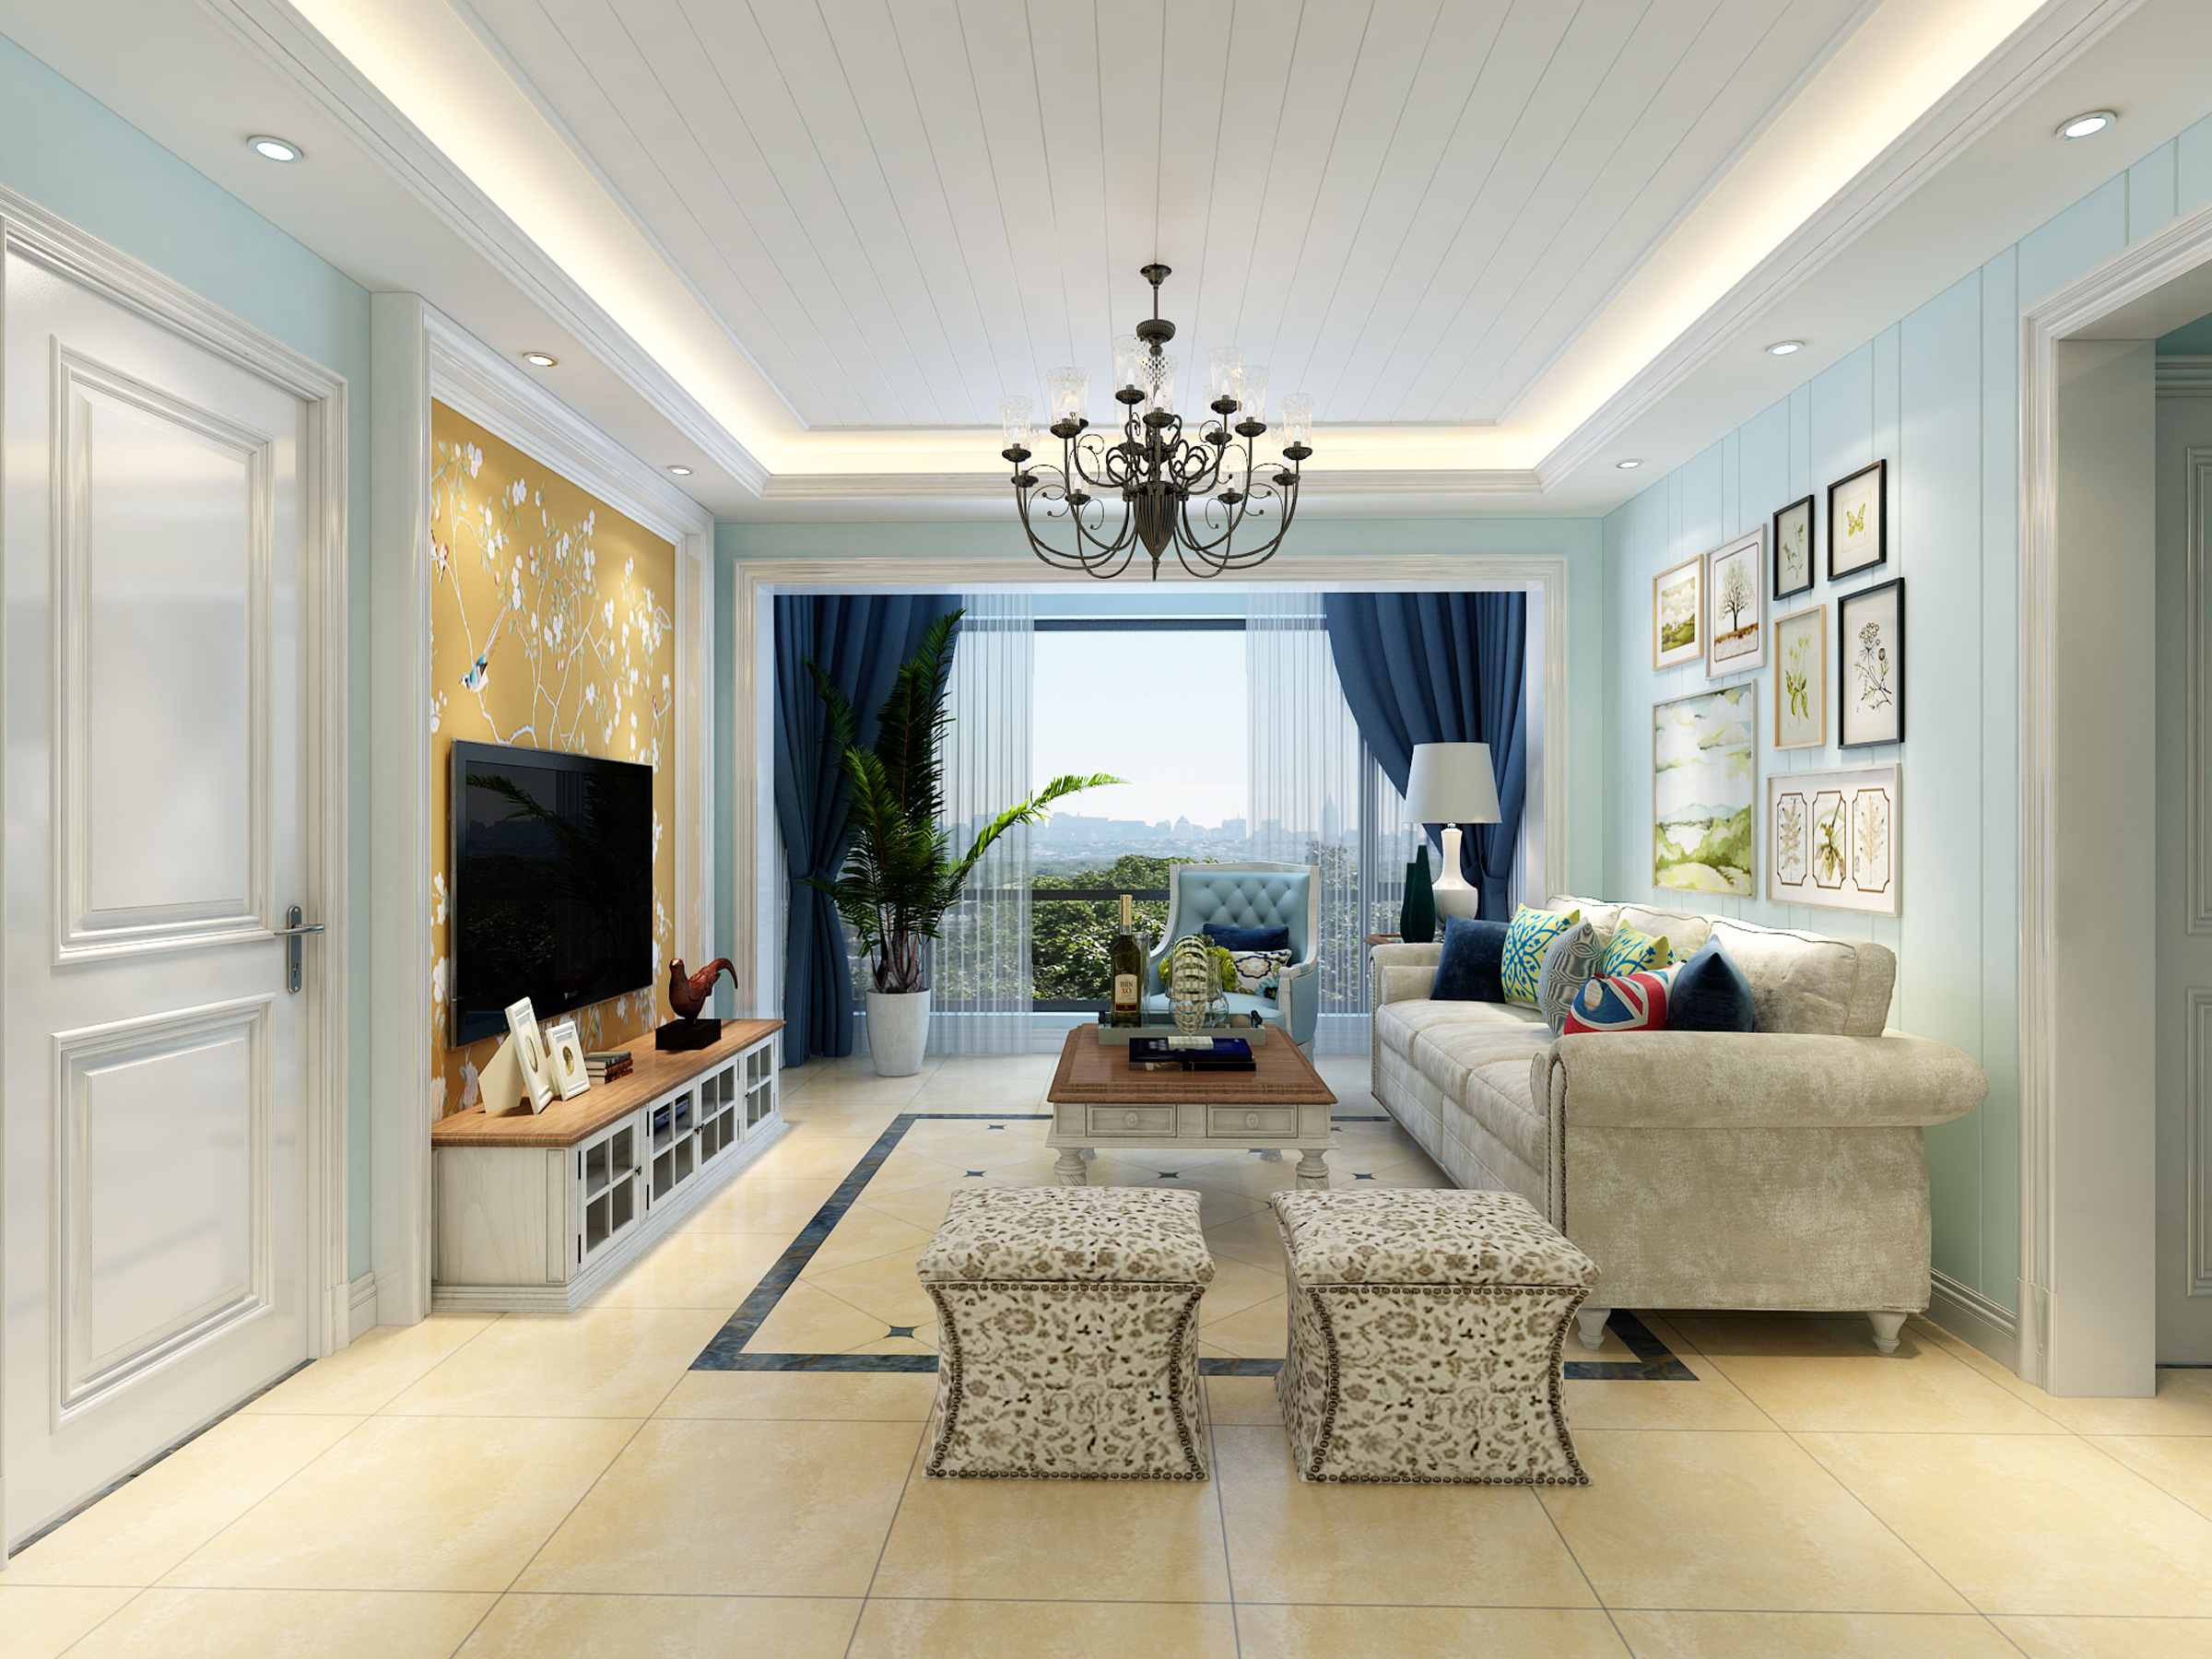 造型吊顶搭配氛围灯光增加观赏性,客厅中间吊顶采用石膏板凹槽的形式图片